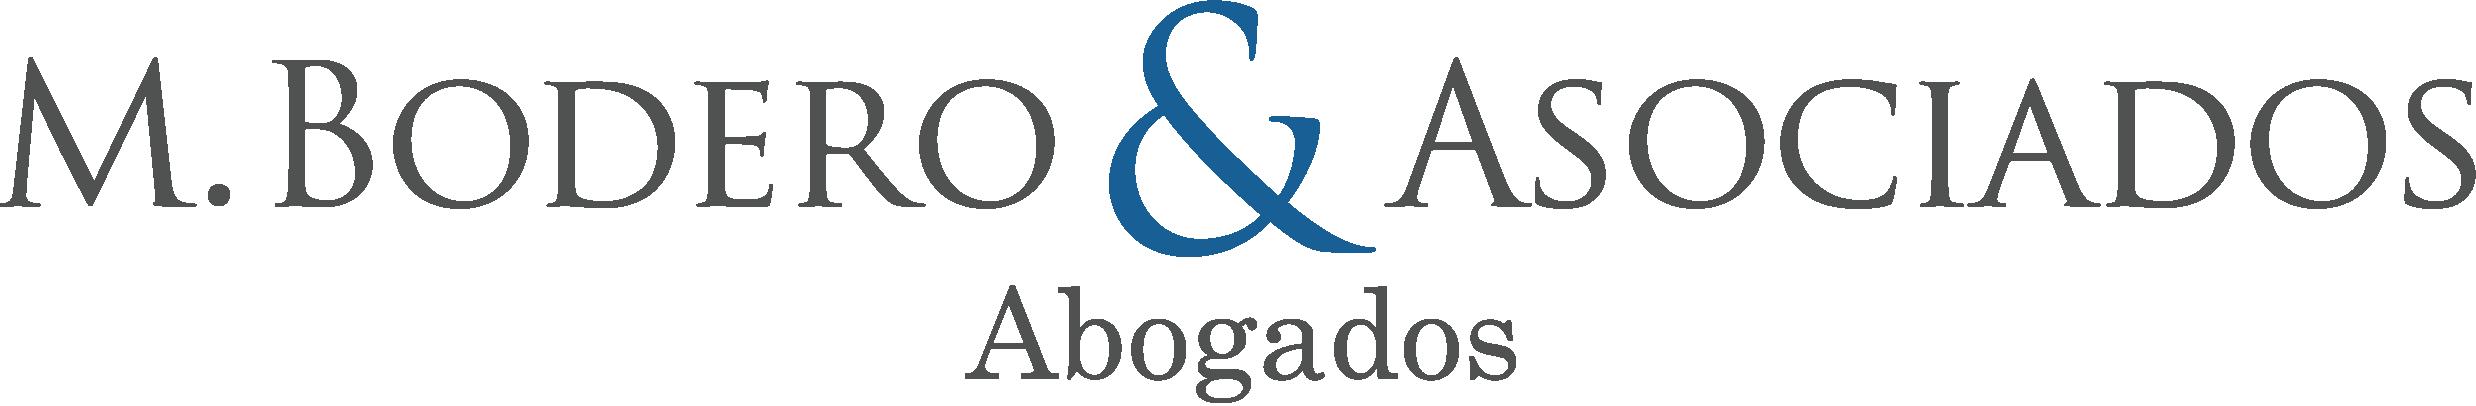 M. Bodero & Asociados